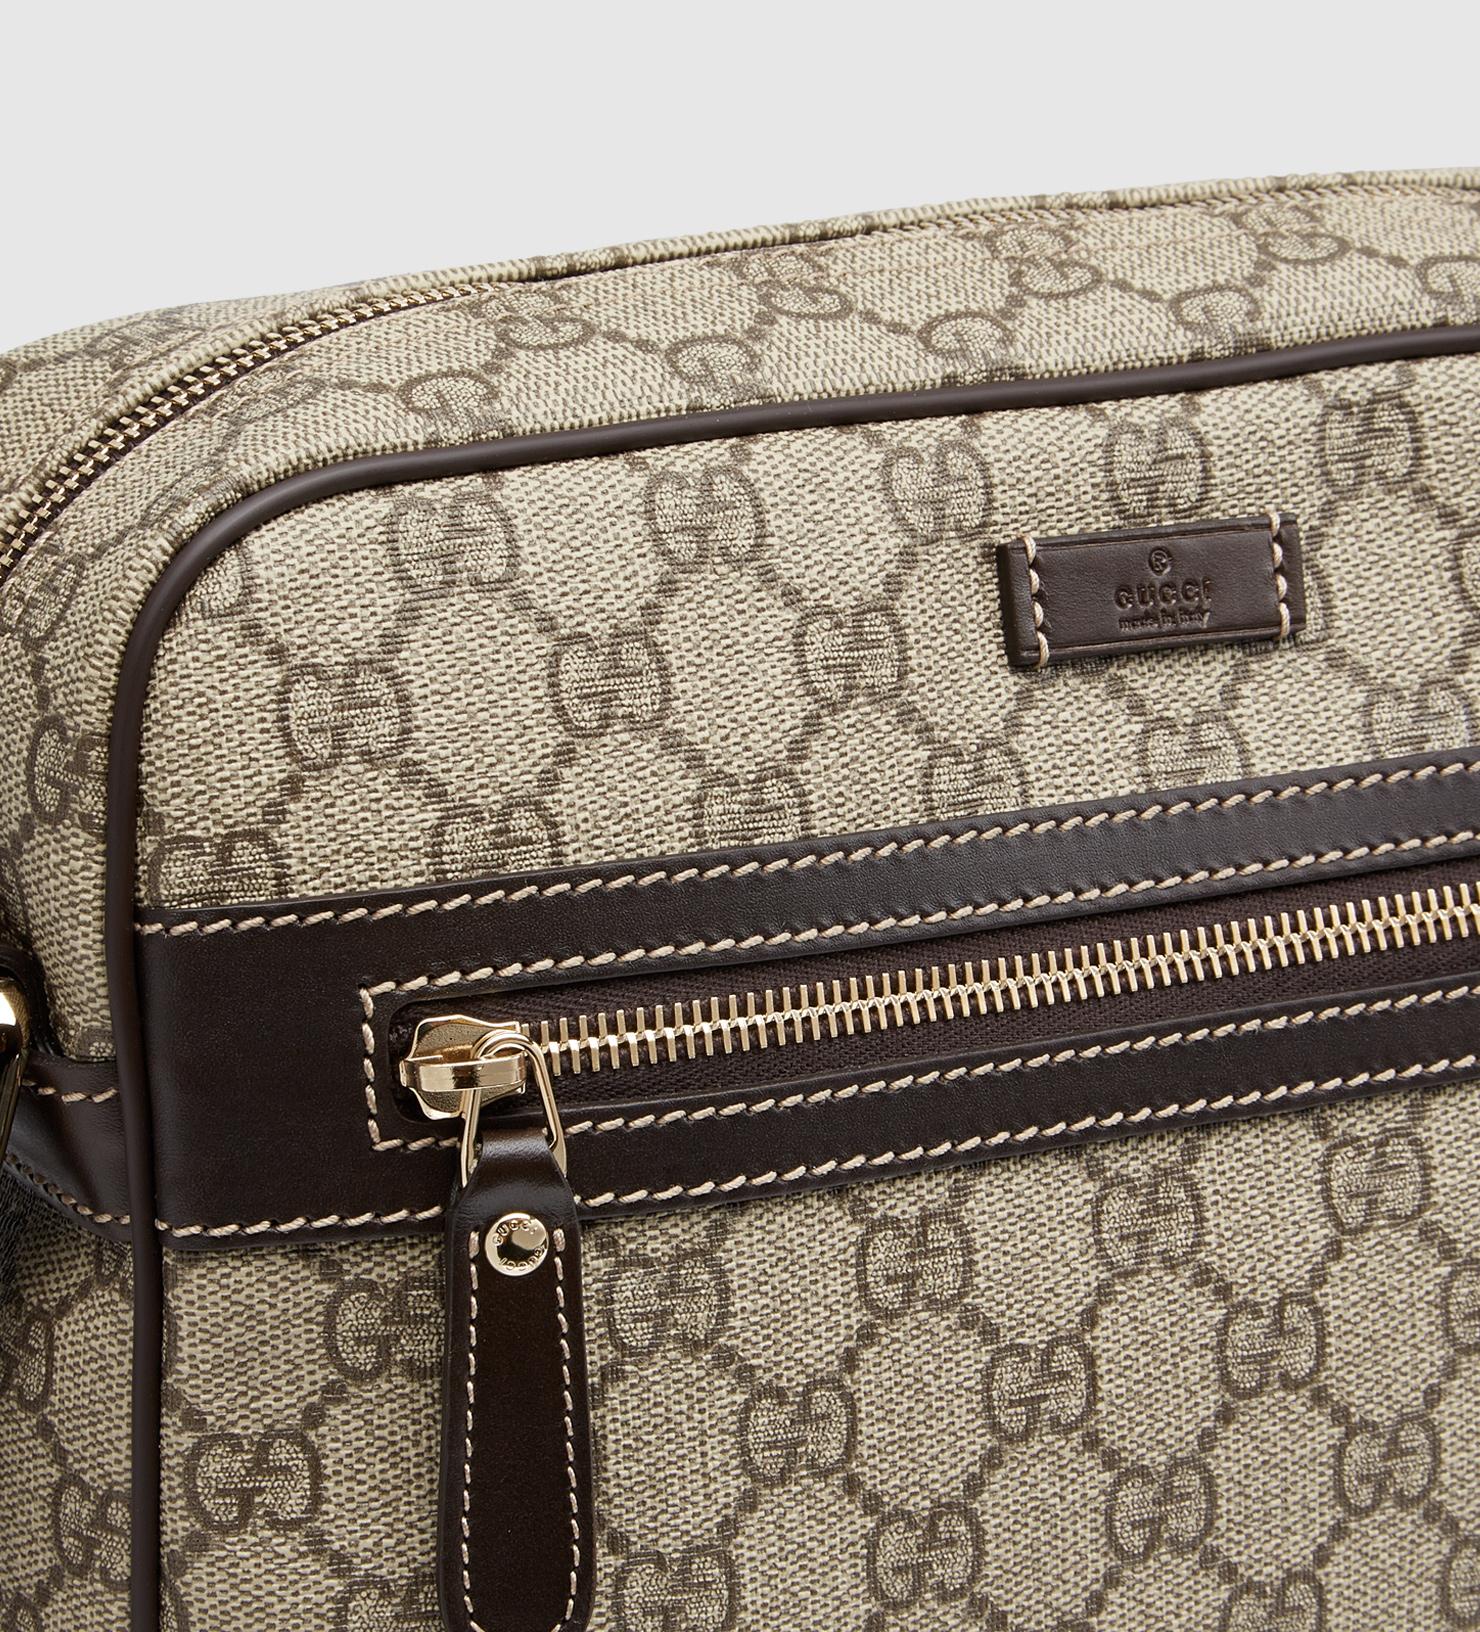 6757bd1ef36 Gucci Gg Supreme Shoulder Bag in Brown for Men - Lyst